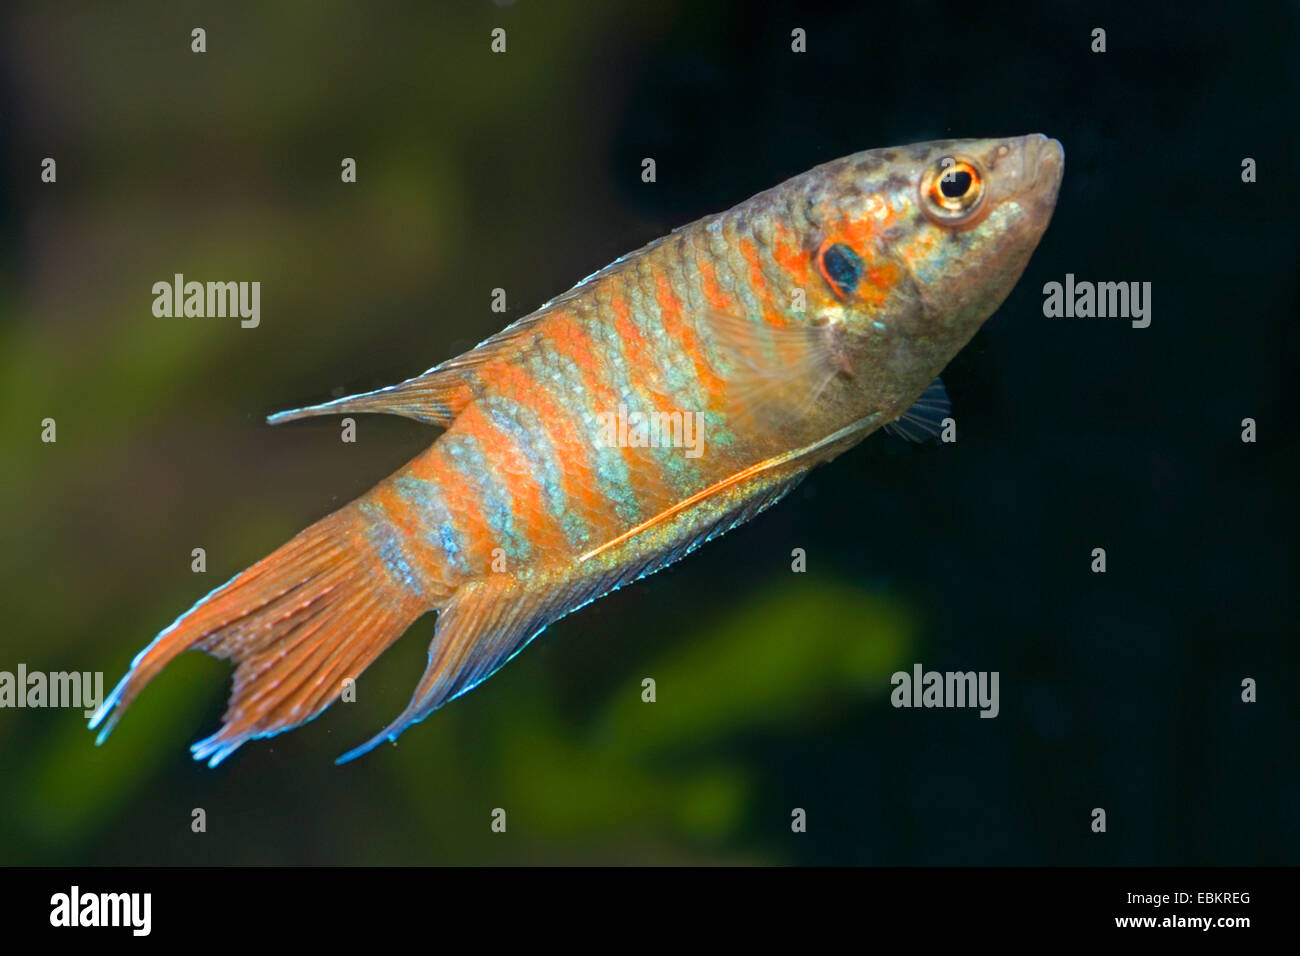 Paradise fish (Macropodus opercularis), full length portrait - Stock Image